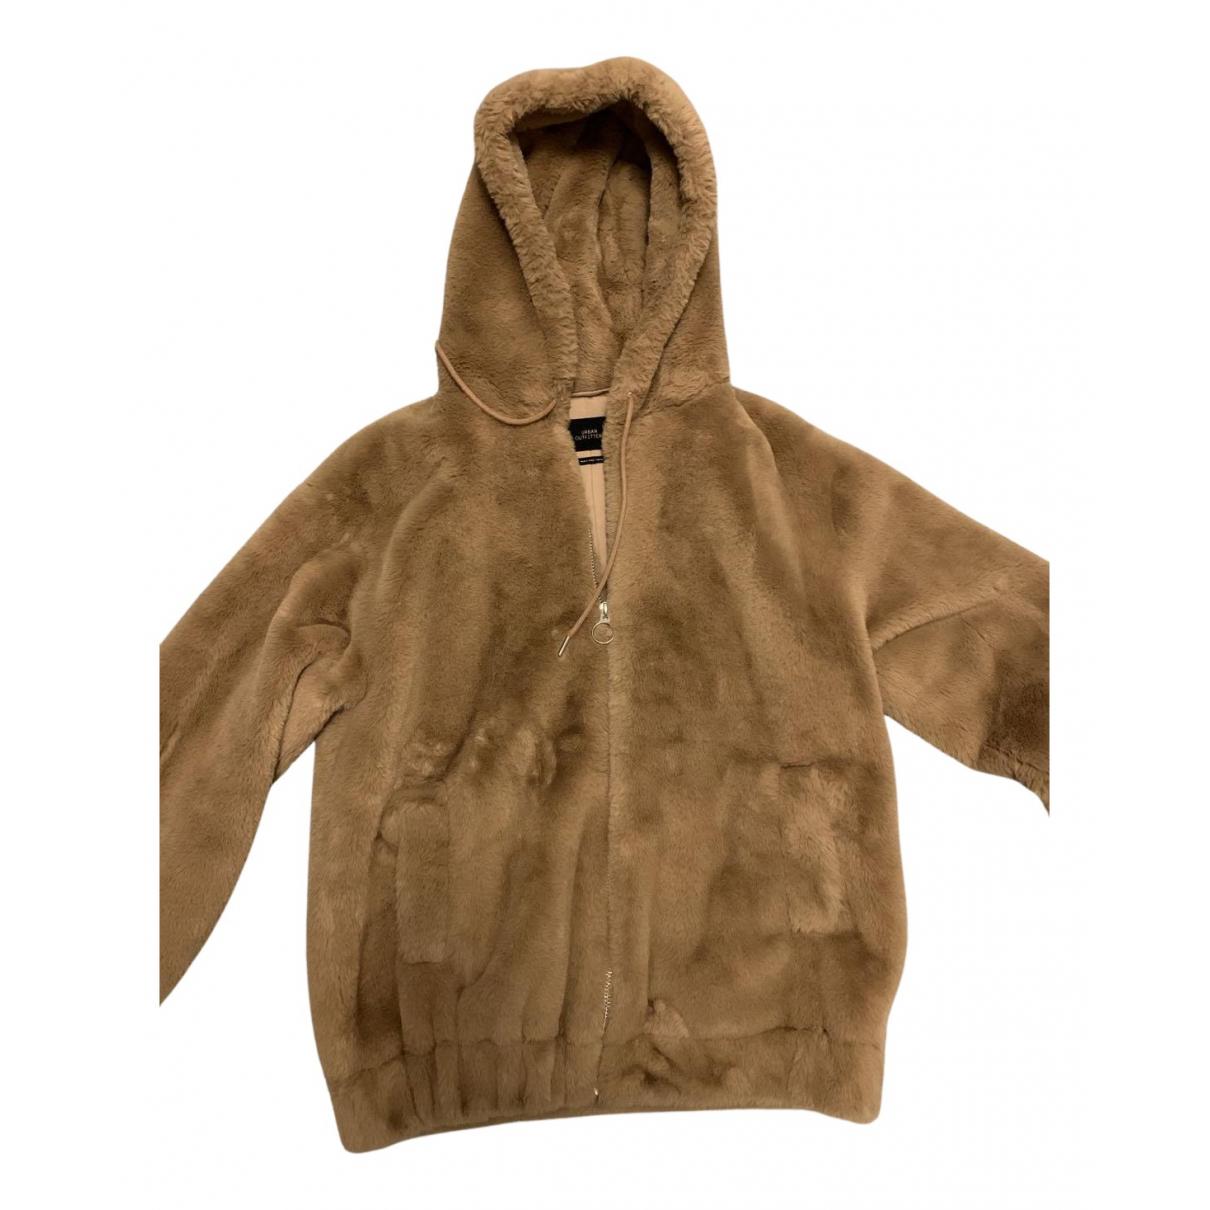 Urban Outfitters - Manteau   pour femme en fourrure synthetique - marron